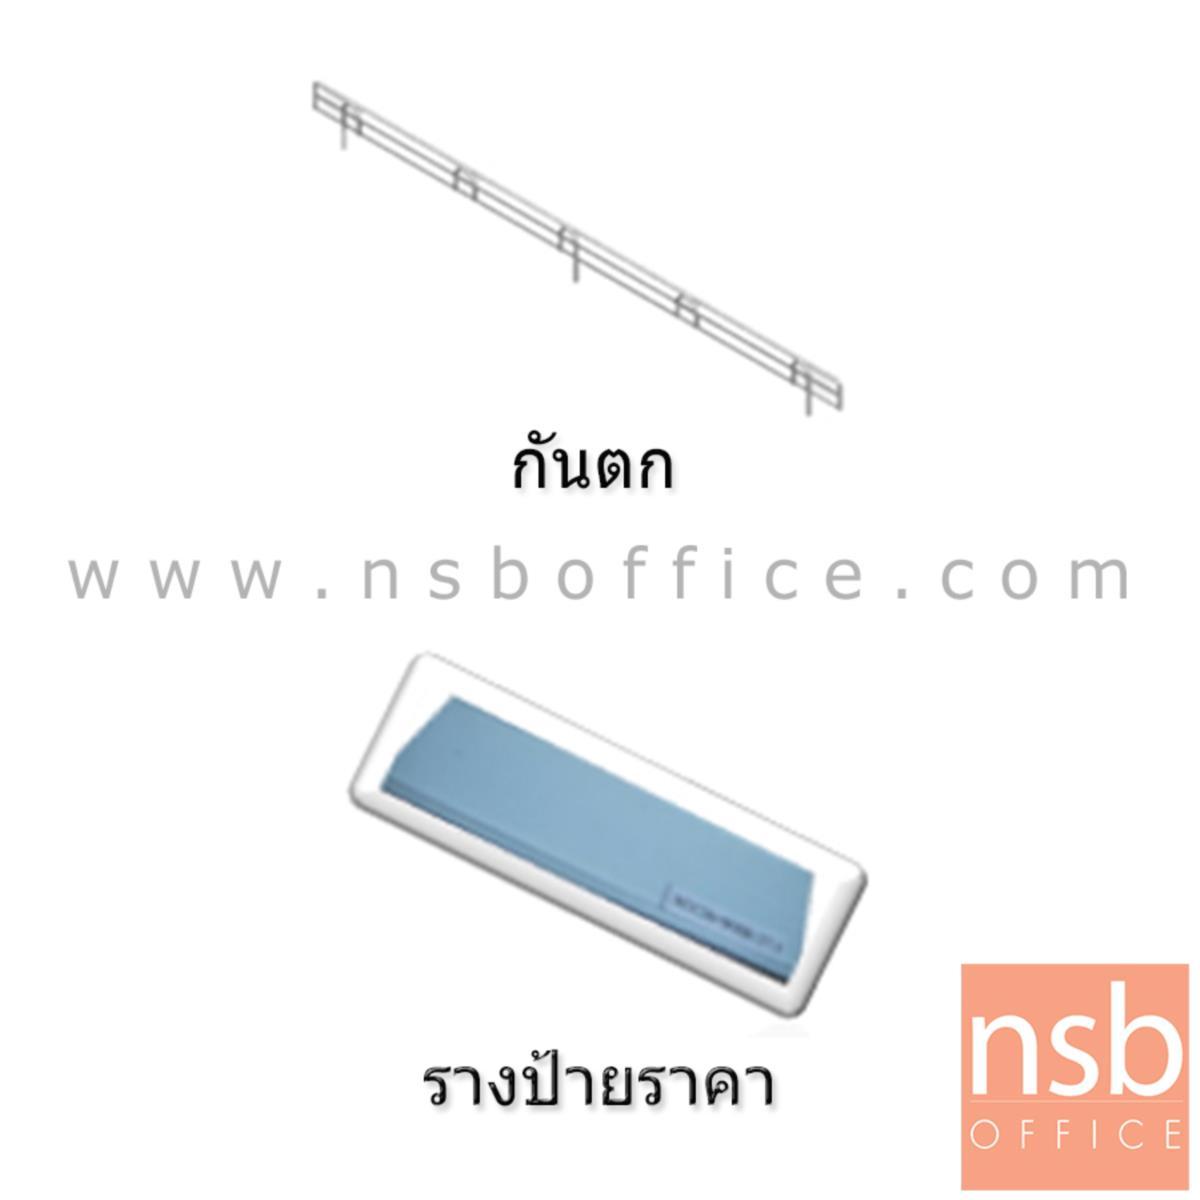 ชั้นวางสินค้า 1 หน้าหลังตาข่าย รุ่น ALTDORF (อัลท์ดอร์ฟ) 40D cm.